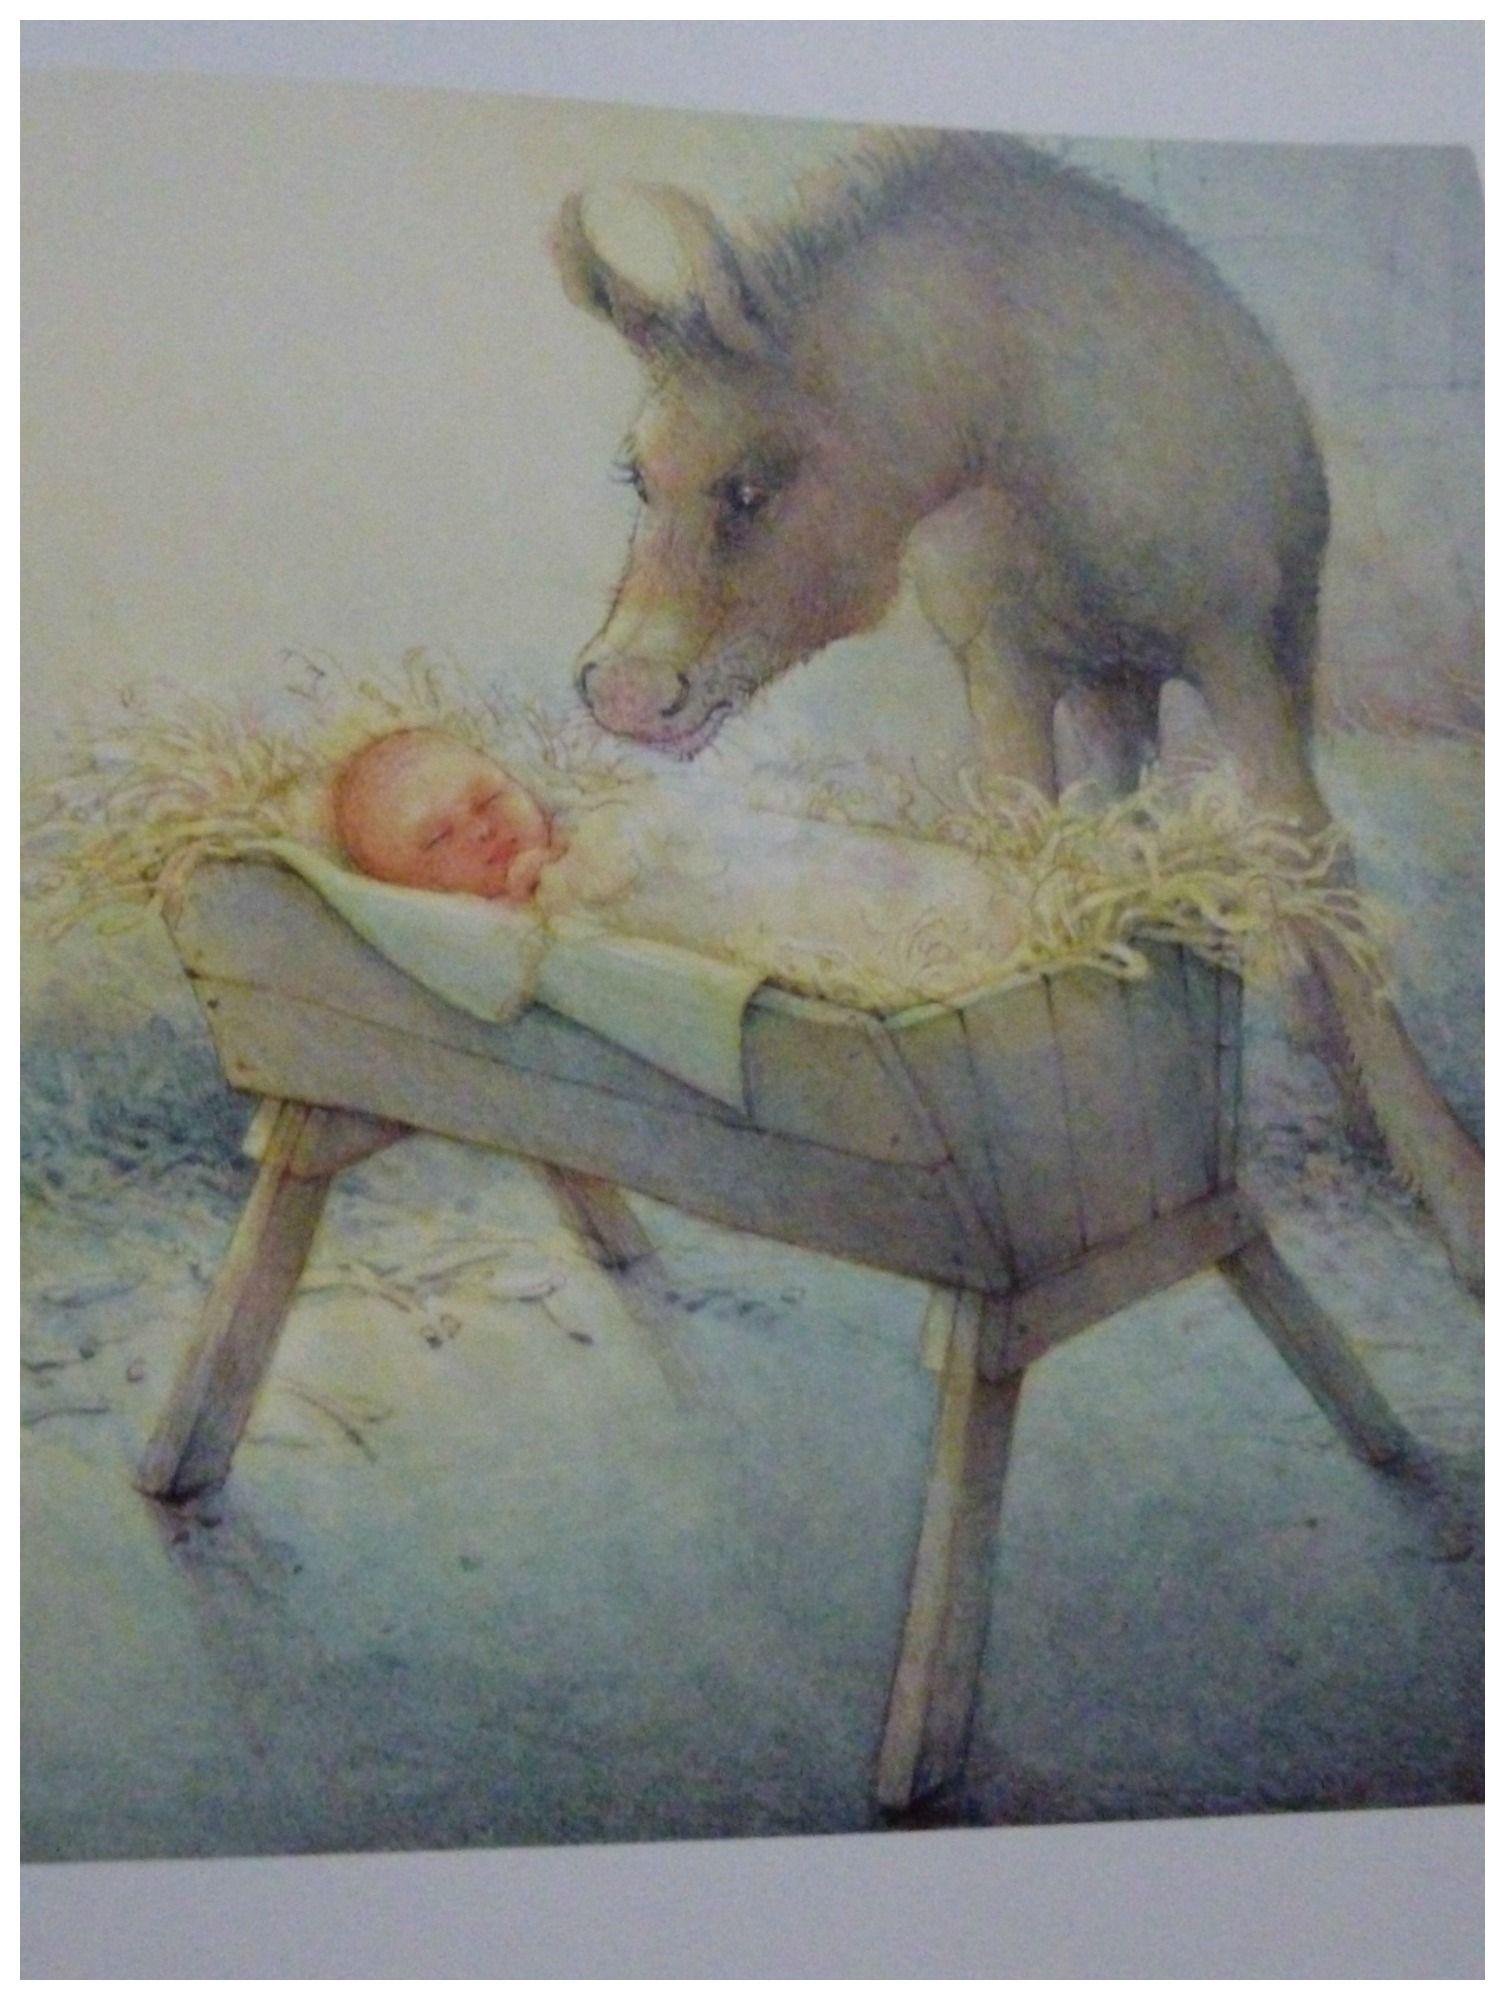 De ezel en de os Loek Koopmans Günter Spang De Vier Windstreken recensie review prentenboek Kerstmis Kerstverhaal geboorte Jezus